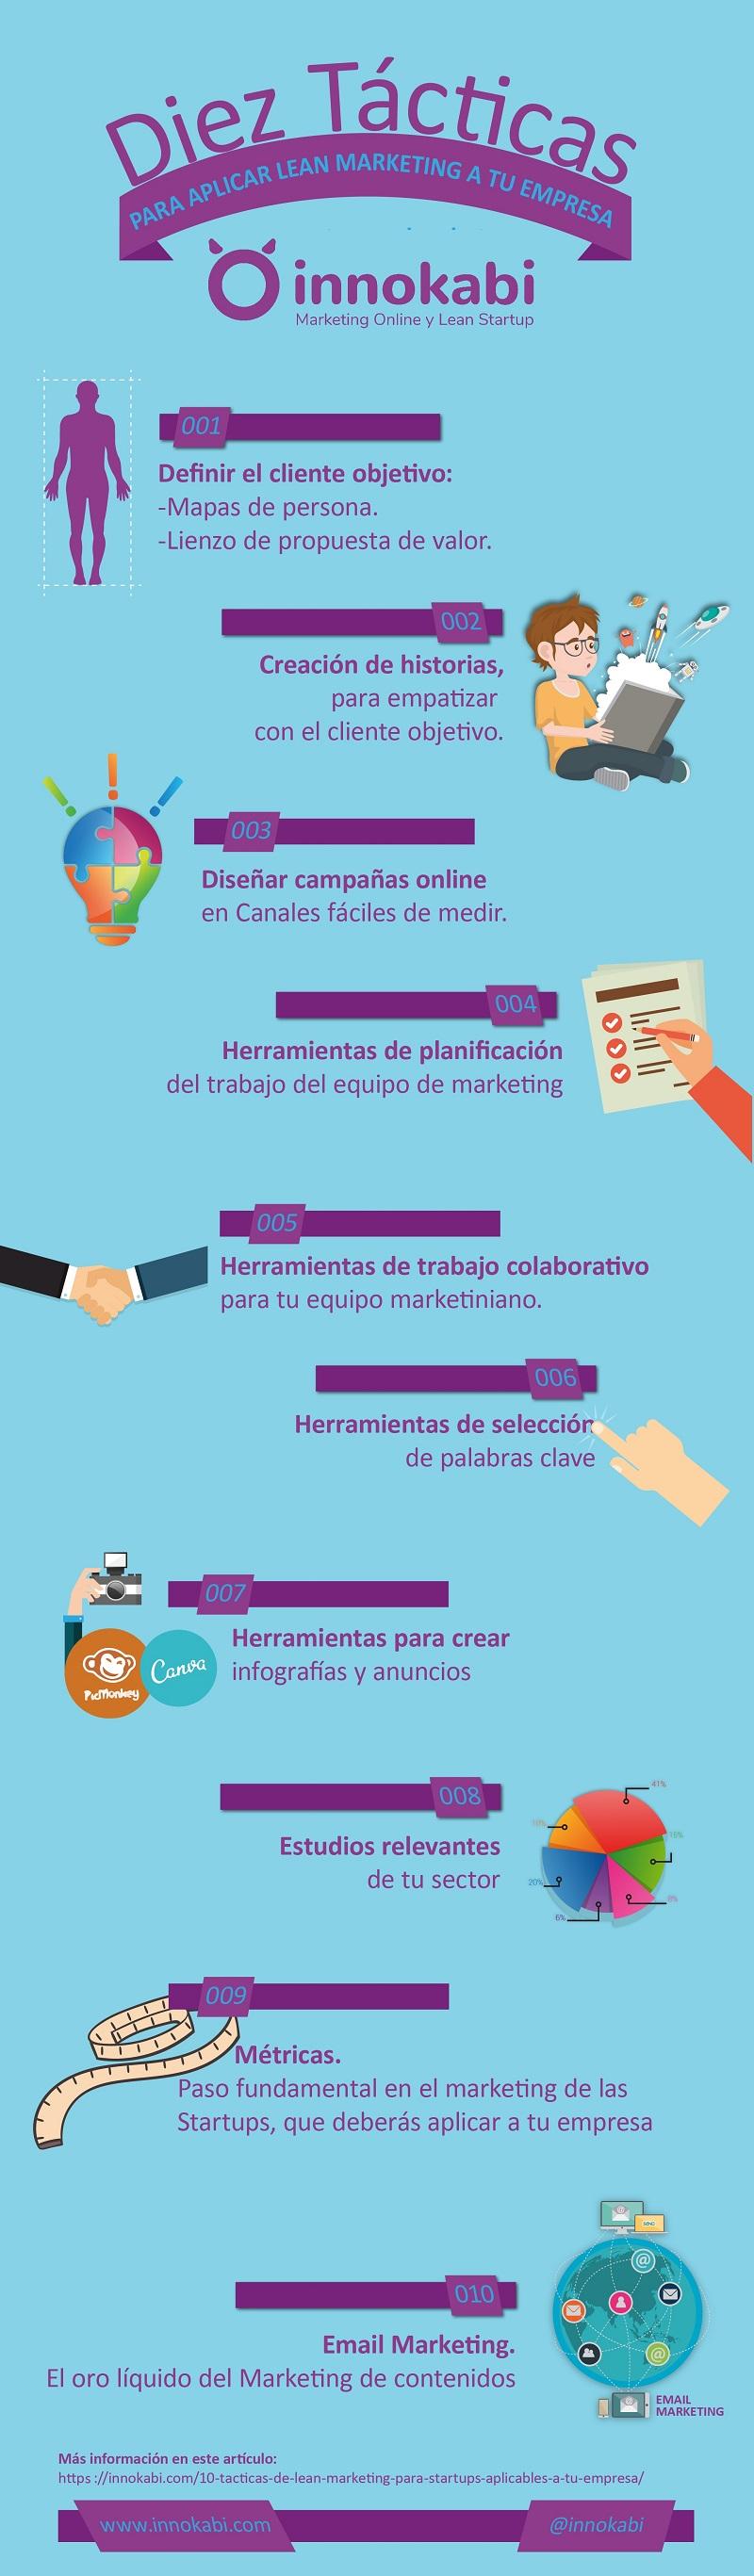 Infografía10 tacticas lean marketing innokabi 800